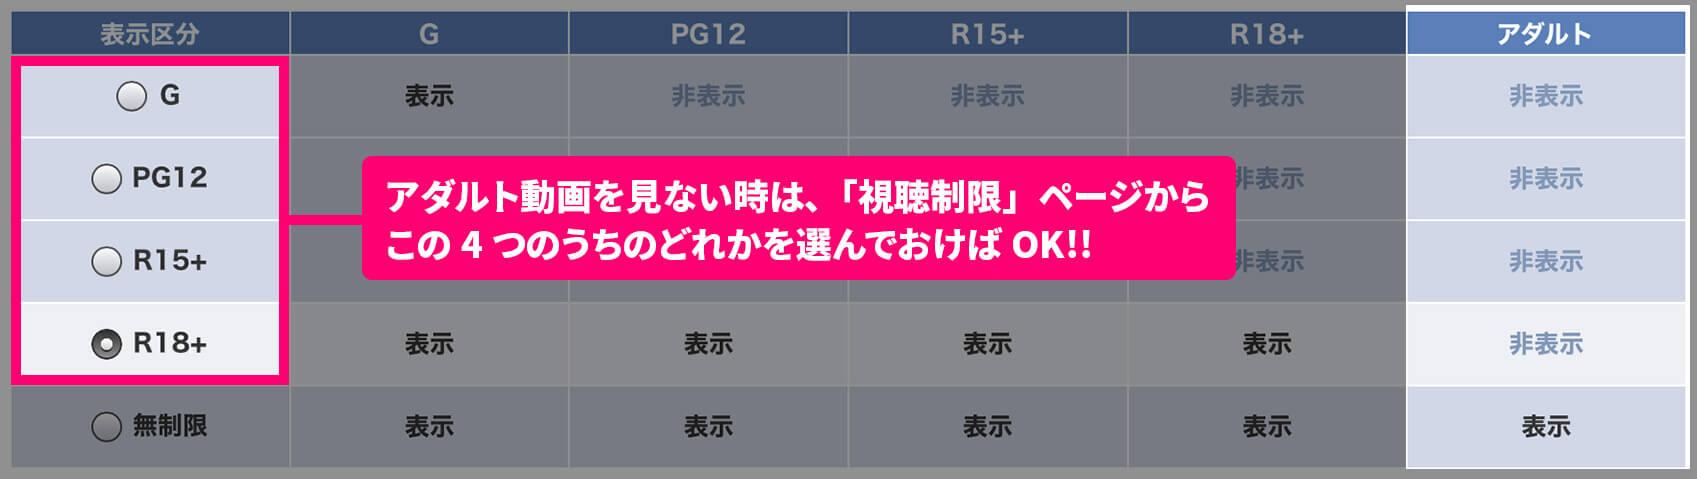 Rakuten TVの年齢視聴制限